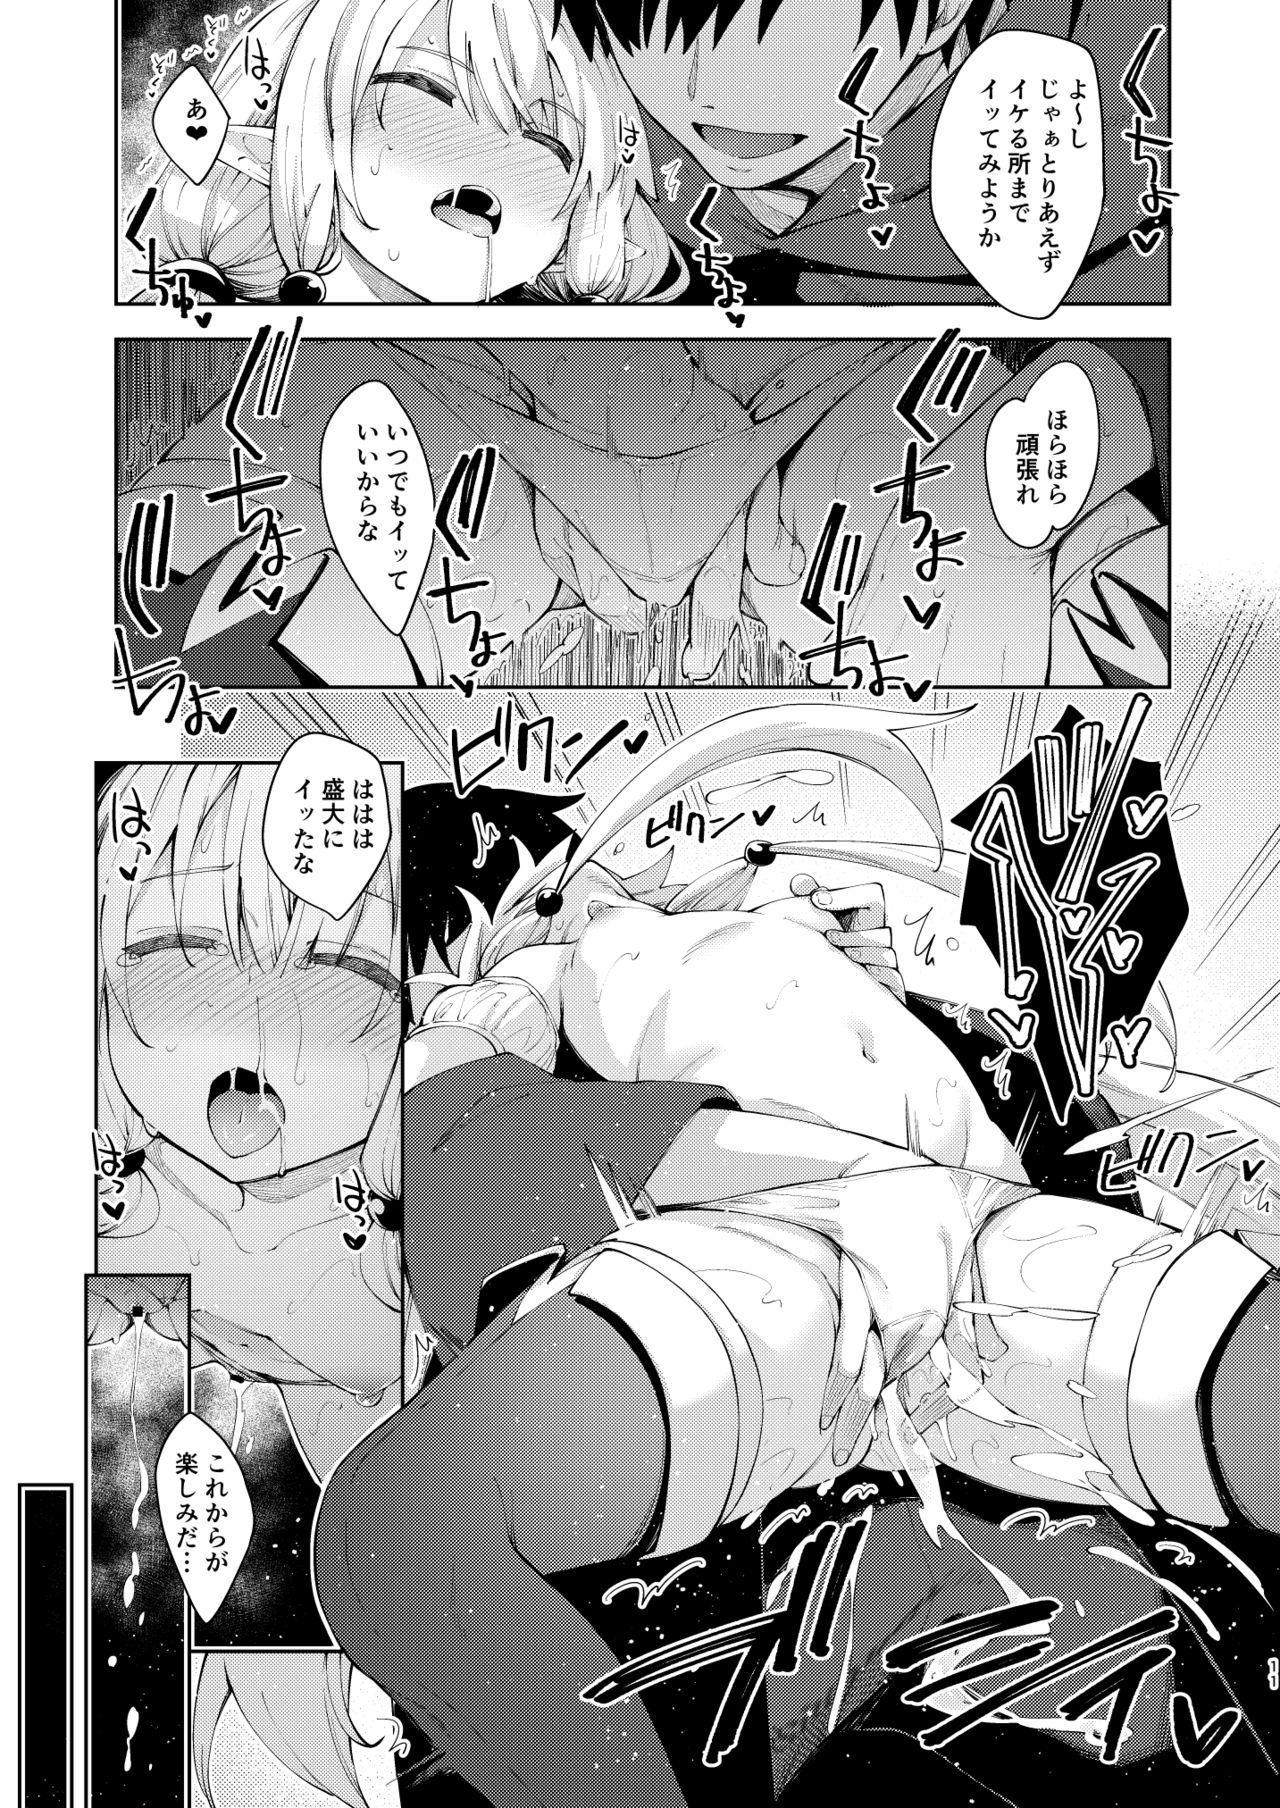 Isekai Kita no de Mahou o Sukebe na Koto ni Riyou Shiyou to Omou II 9